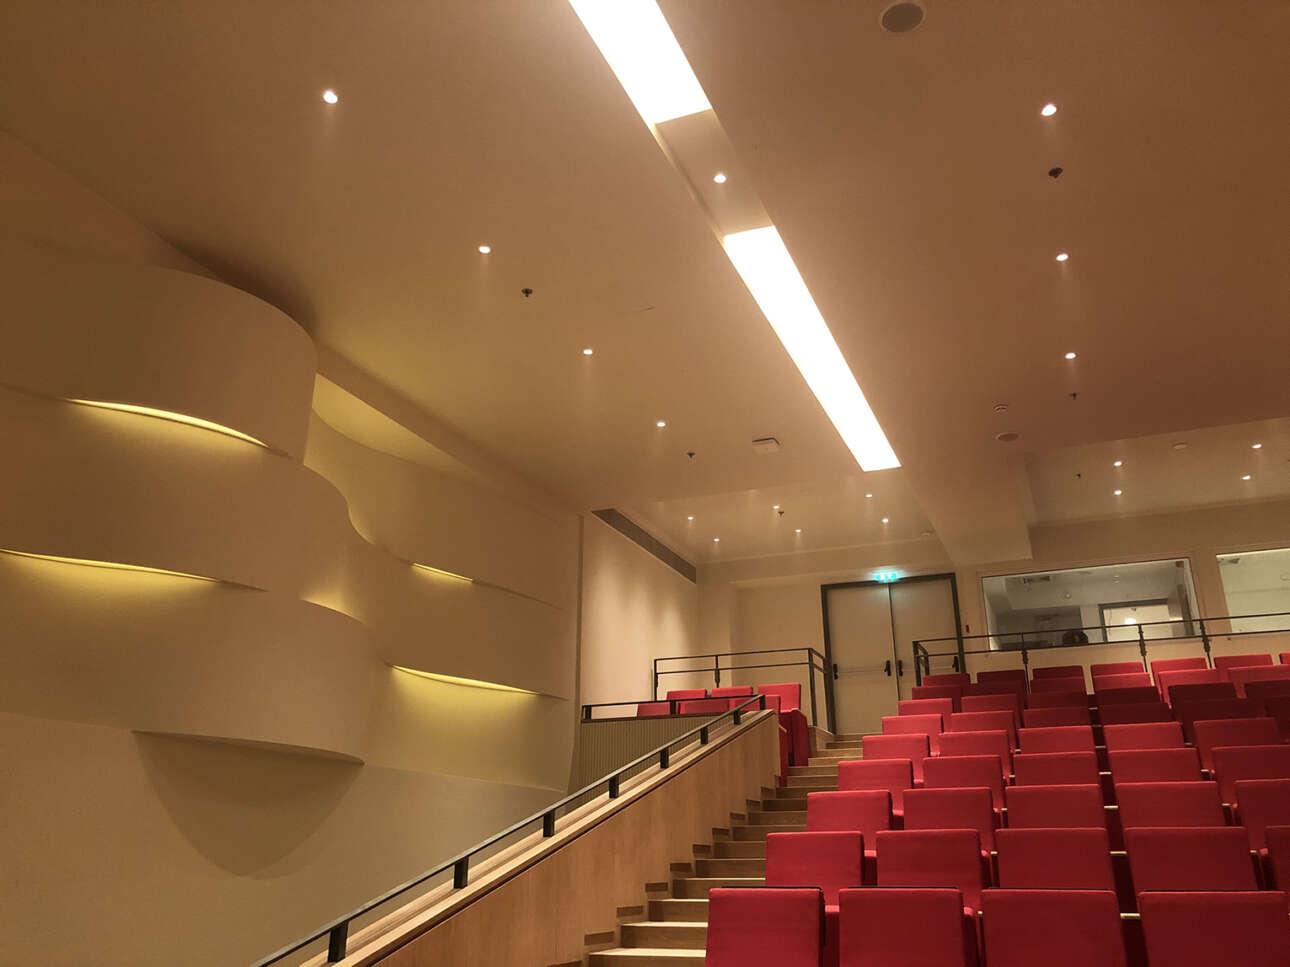 Το νέο αμφιθέατρο, 450 θέσεων, στο υπόγειο της «νέας» Εθνικής Πινακοθήκης